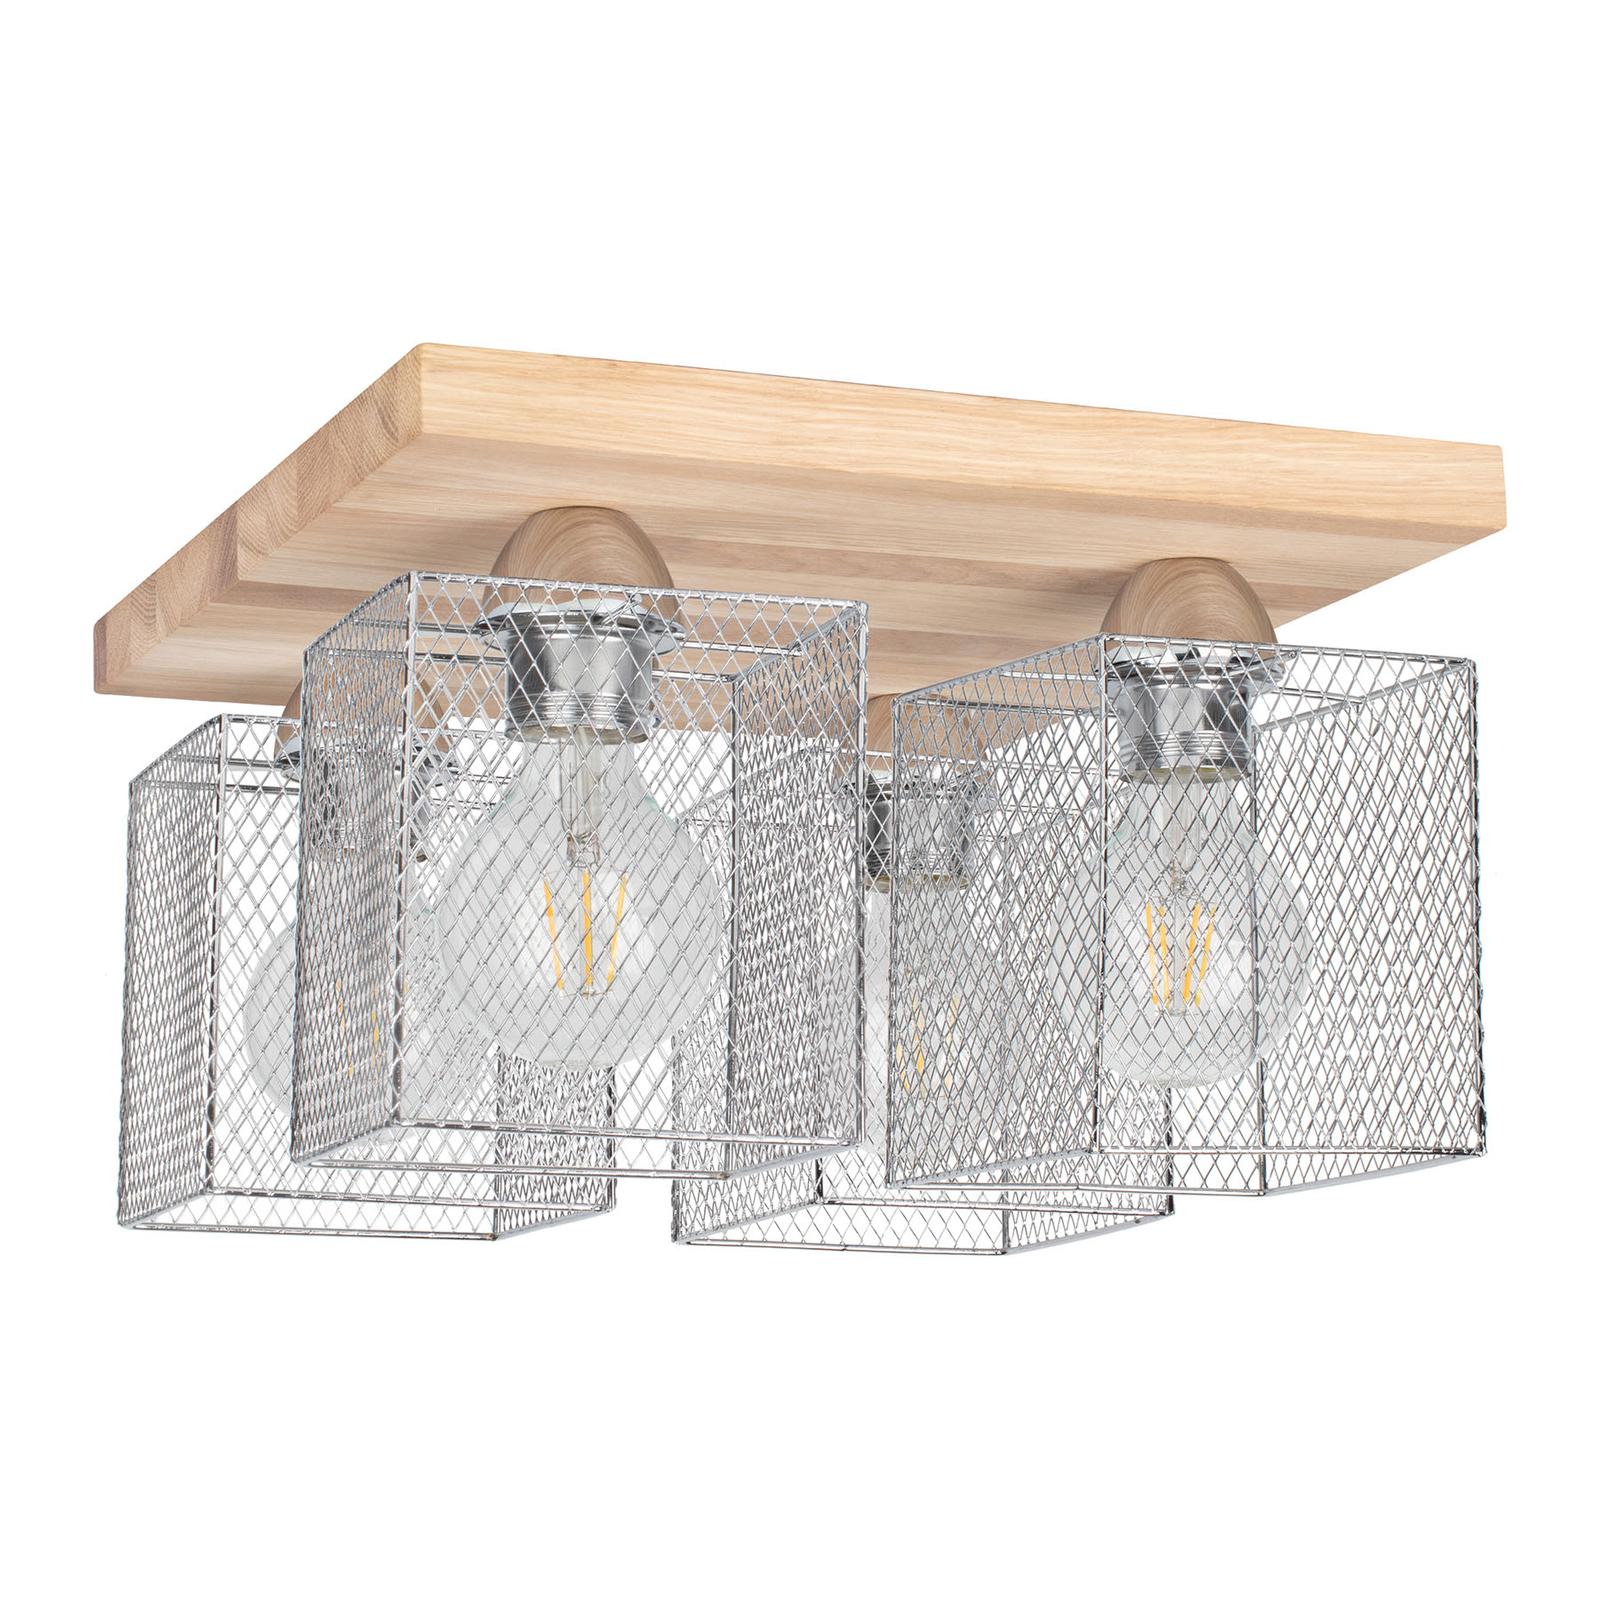 Kattovalaisin Norman Wood 4-lamp., öljytty tammi